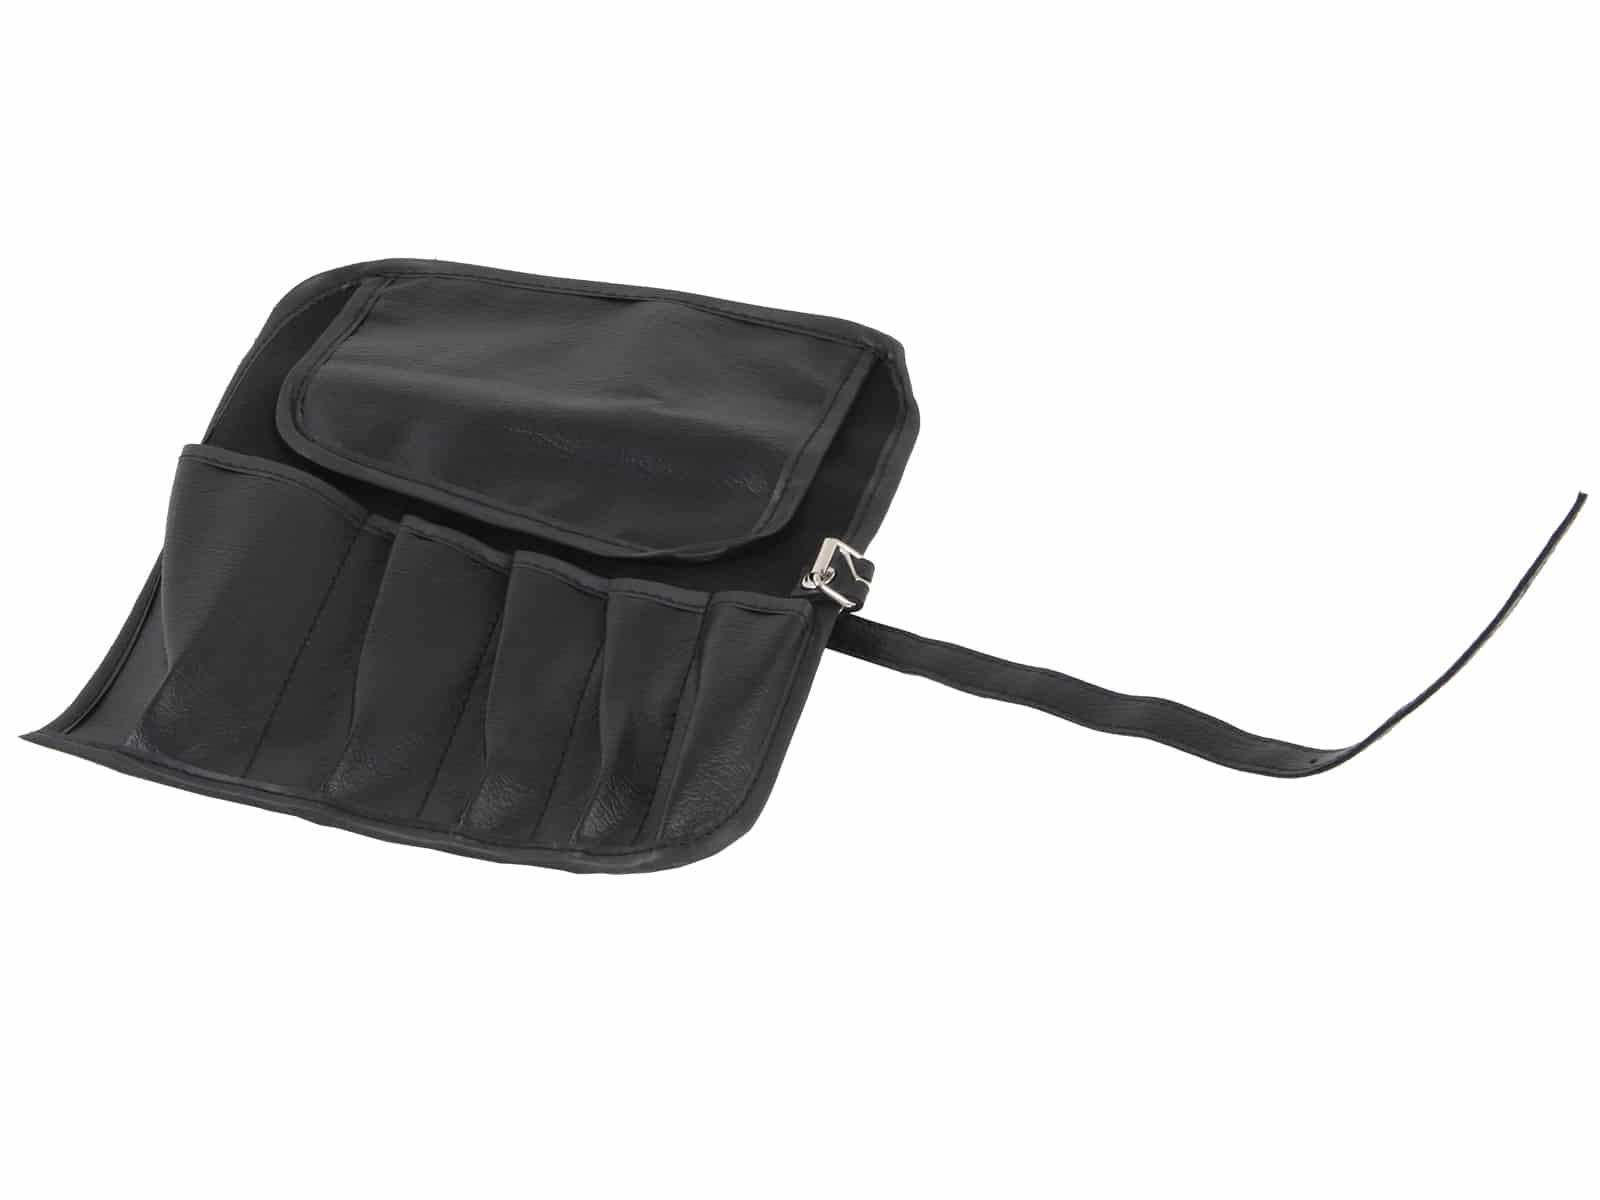 Werkzeug-Rolltasche Easy mit 5 Steckplätzen 7005